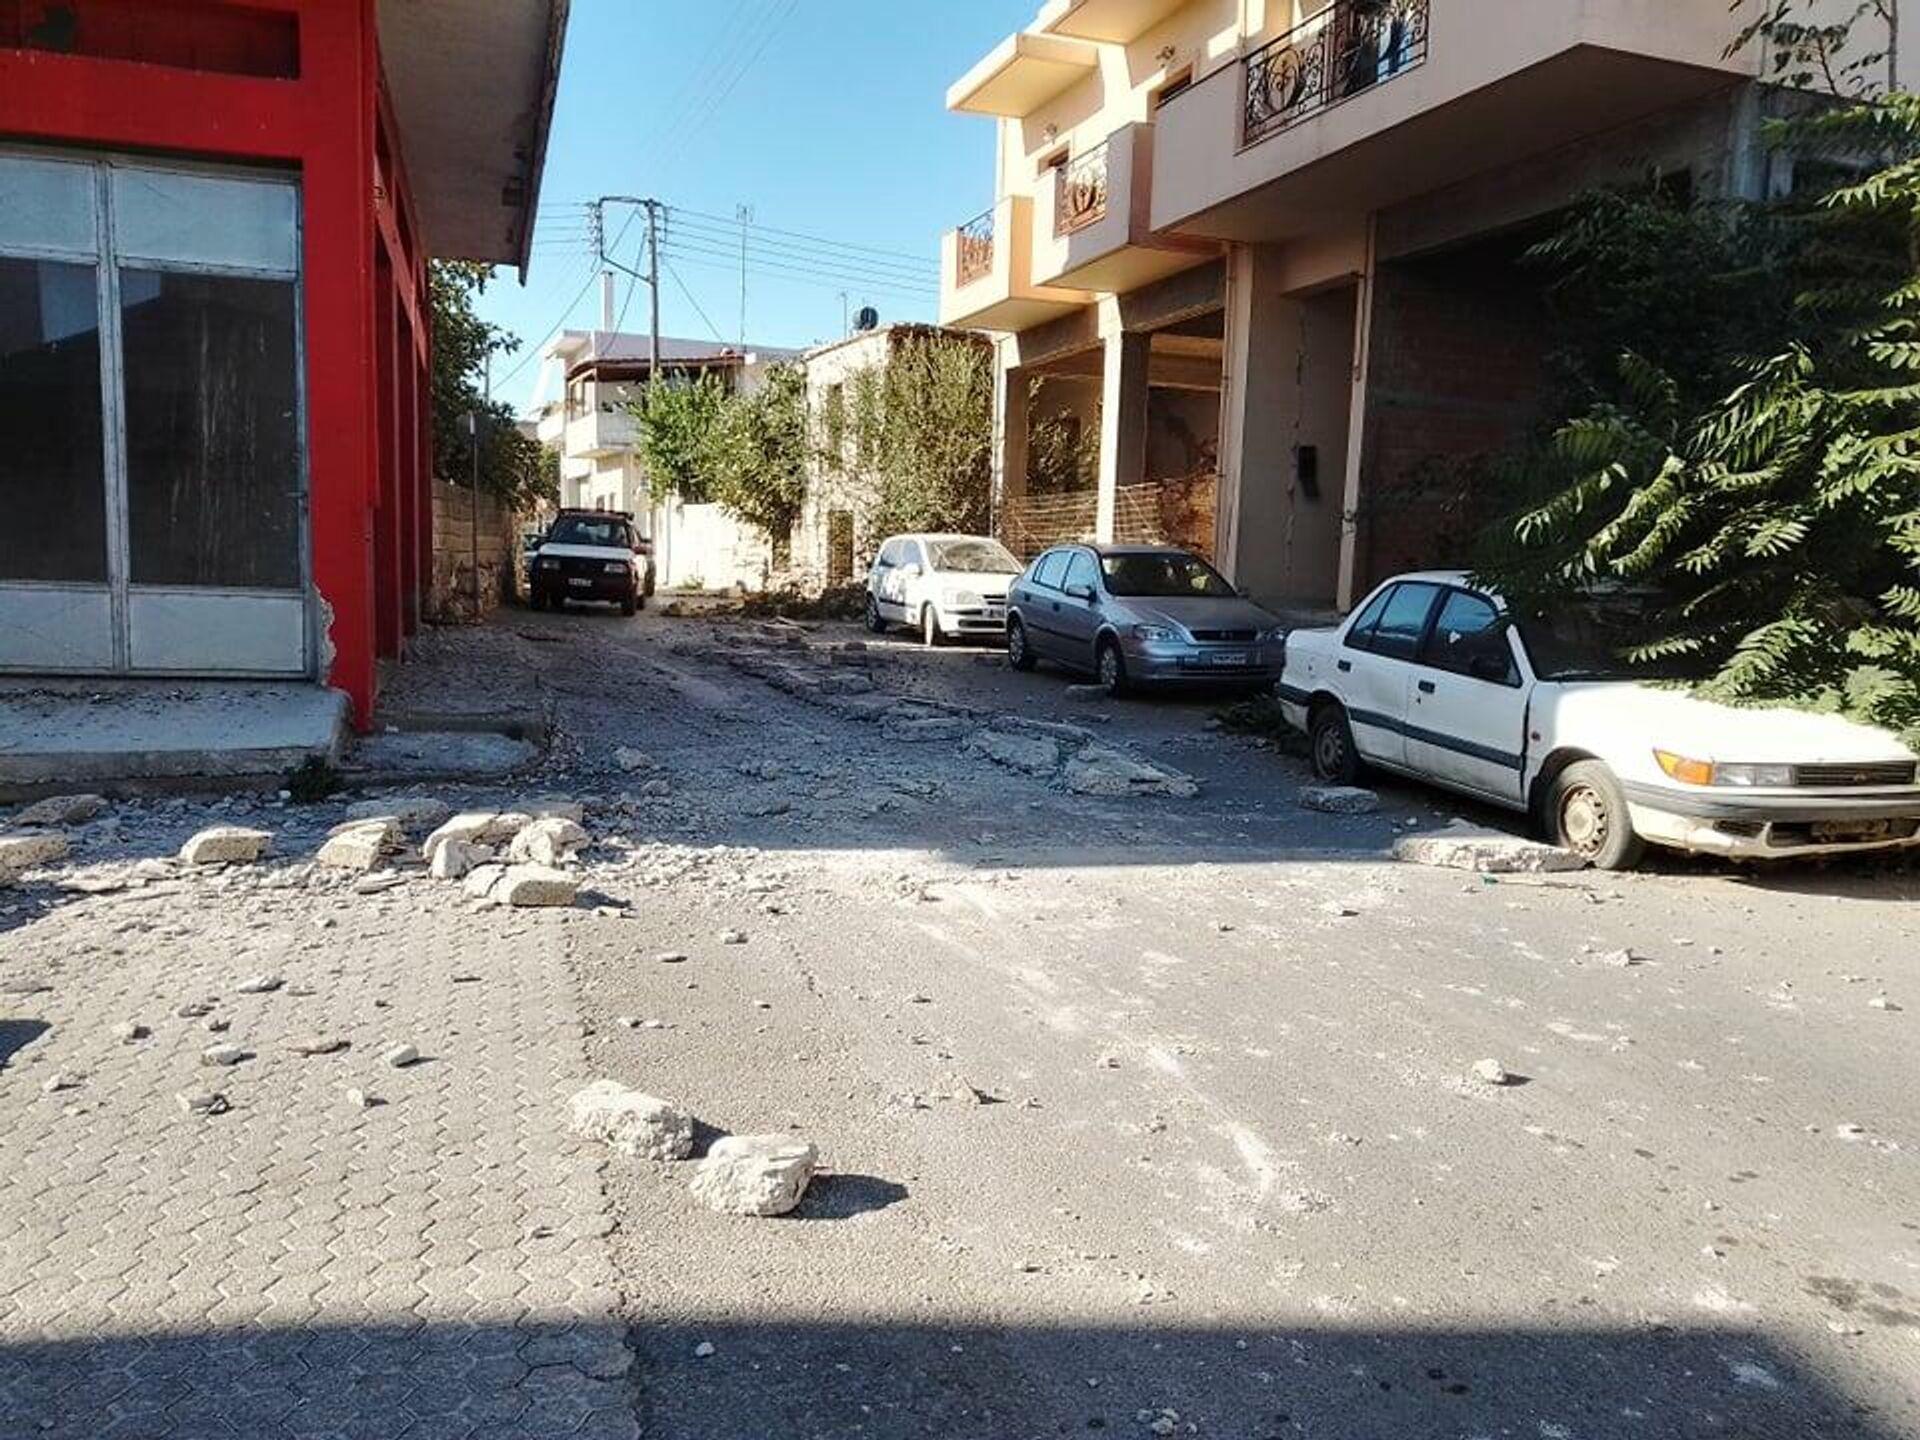 Κρήτη: Ζημιές από τον ισχυρό σεισμό των 5,8 Ρίχτερ - Sputnik Ελλάδα, 1920, 27.09.2021